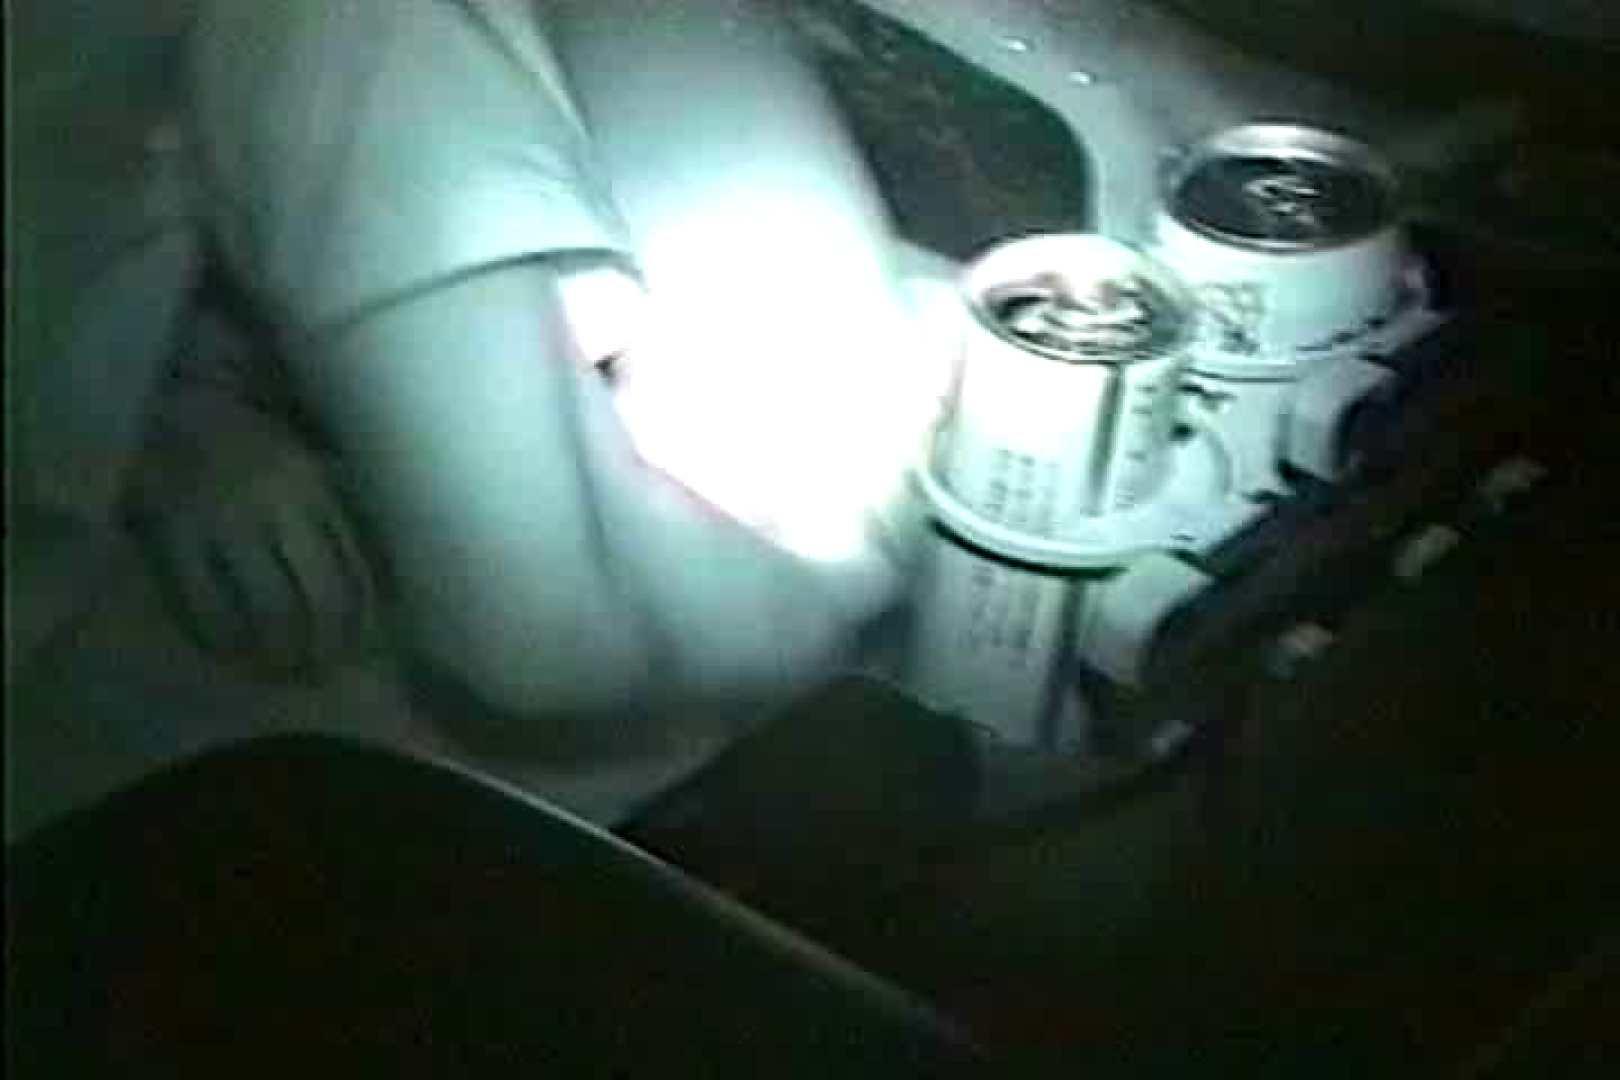 車の中はラブホテル 無修正版  Vol.6 HなOL 性交動画流出 104pic 26